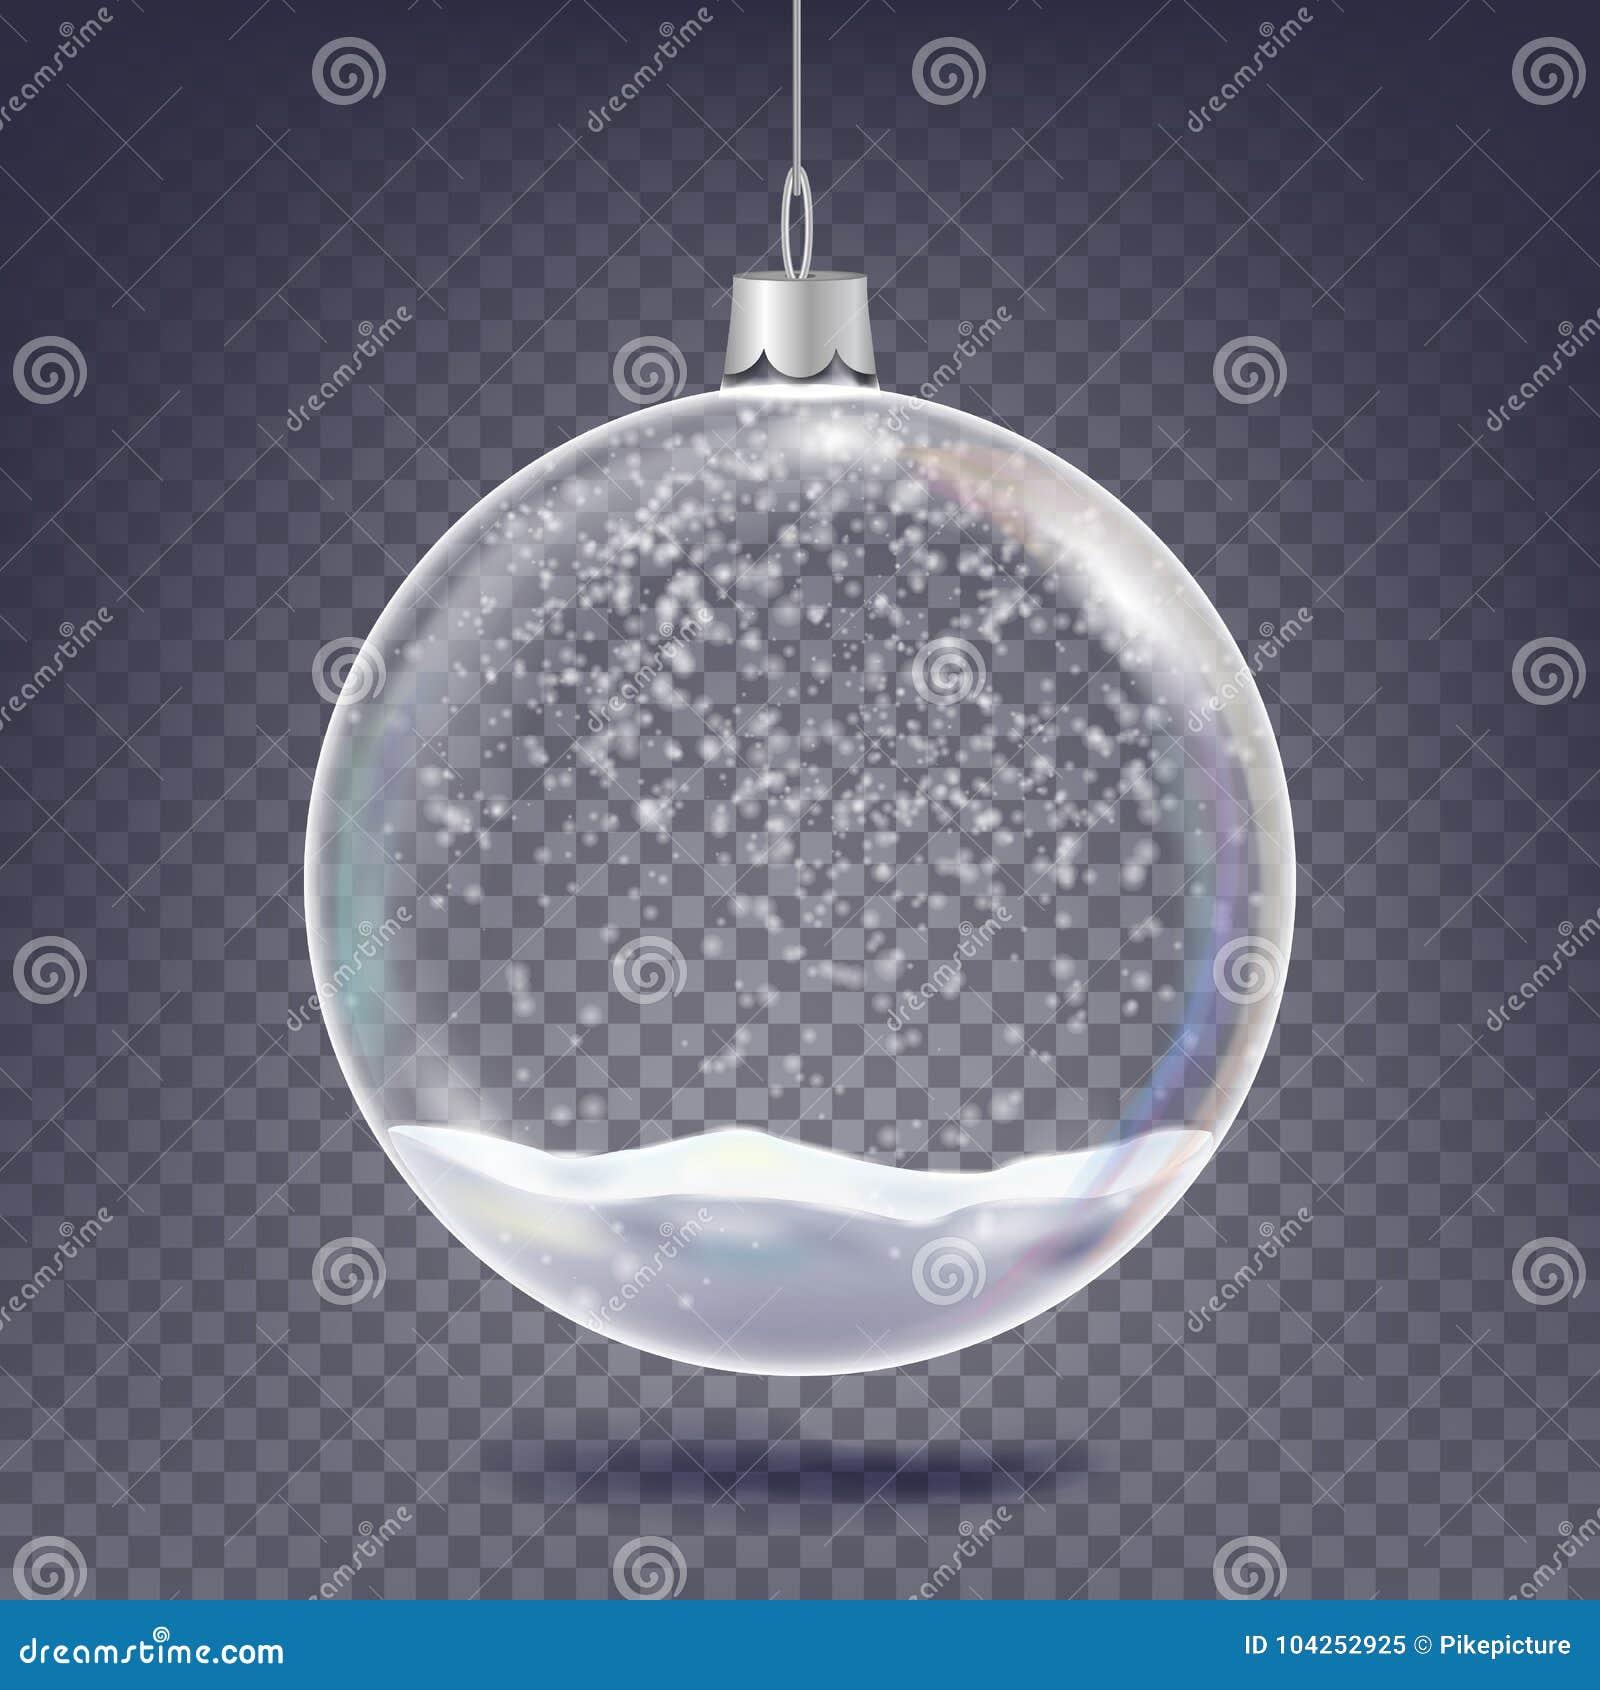 Weihnachtsballvektor Klassischer Weihnachtsbaum-Glasdekorations-Element Glänzender Schnee, Schneeflocke 3D realistisch Auf